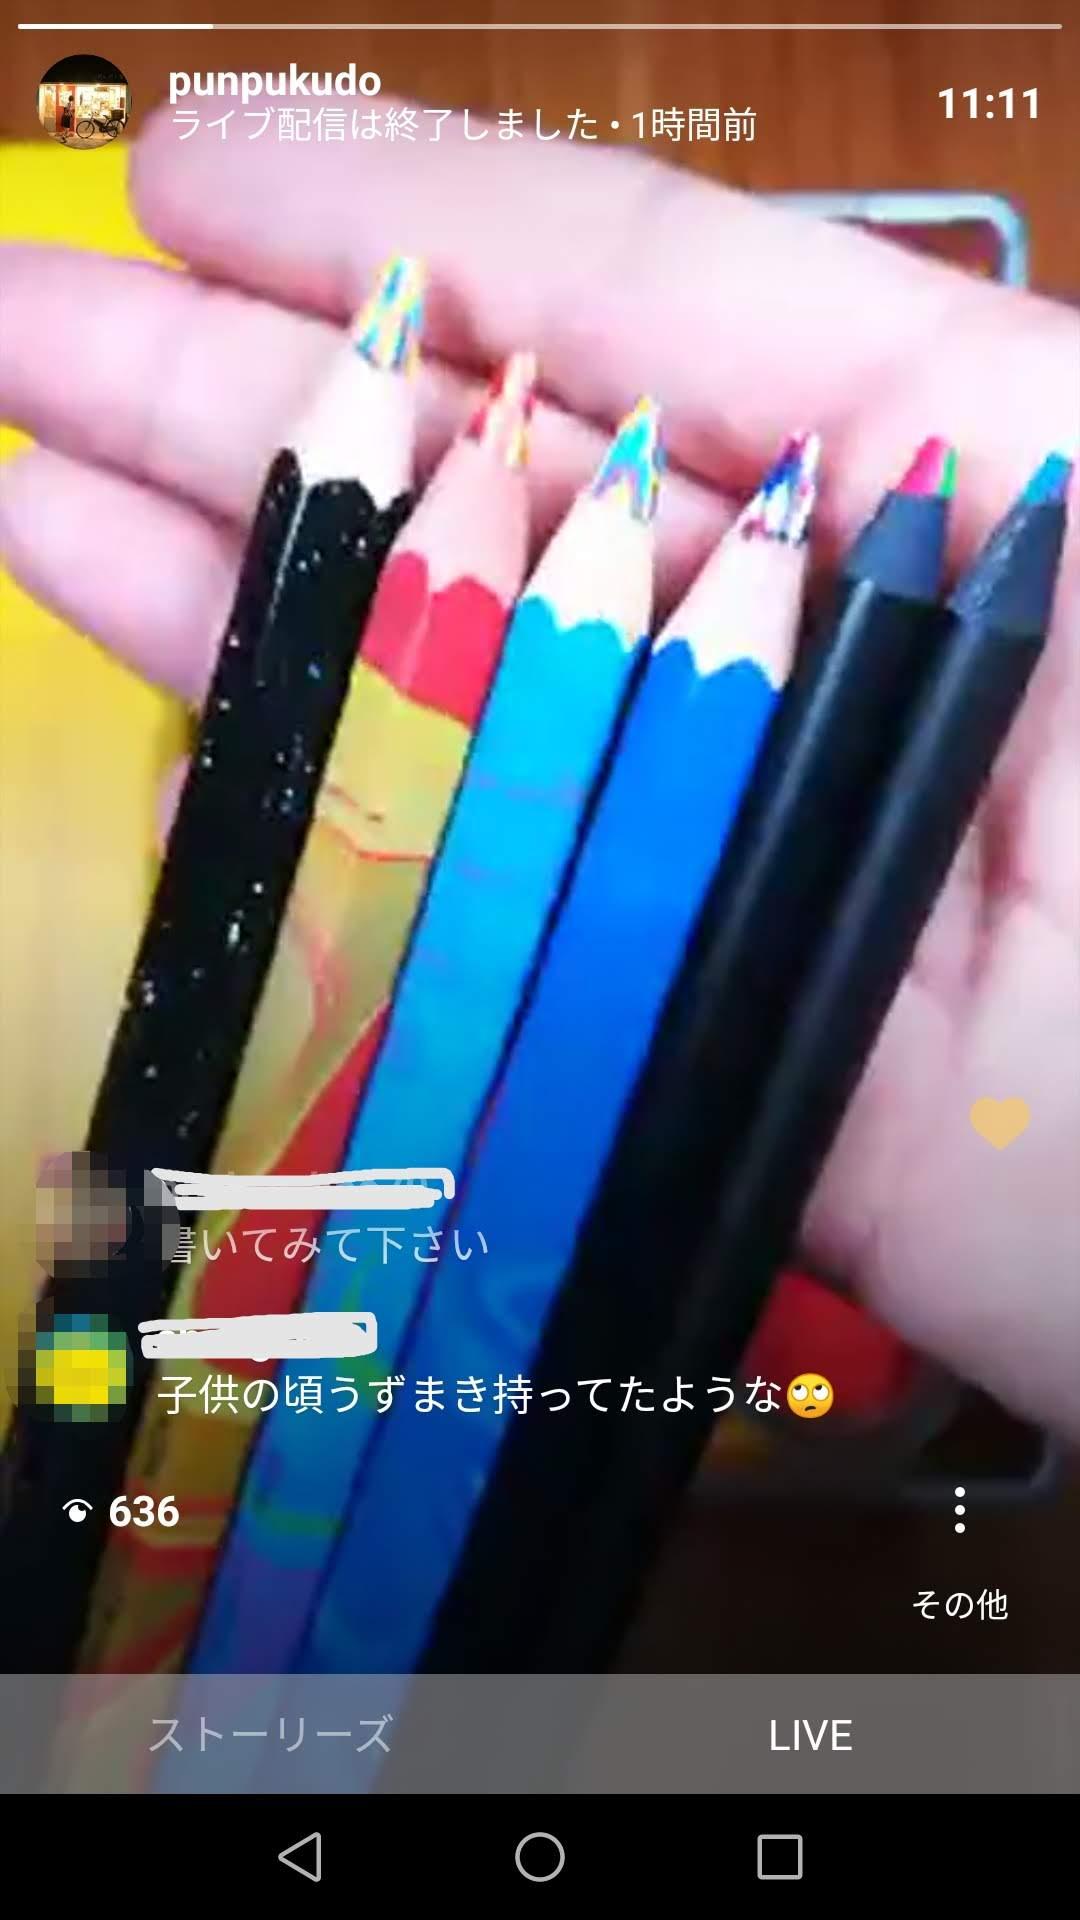 【鉛筆削りライブで紹介した鉛筆】